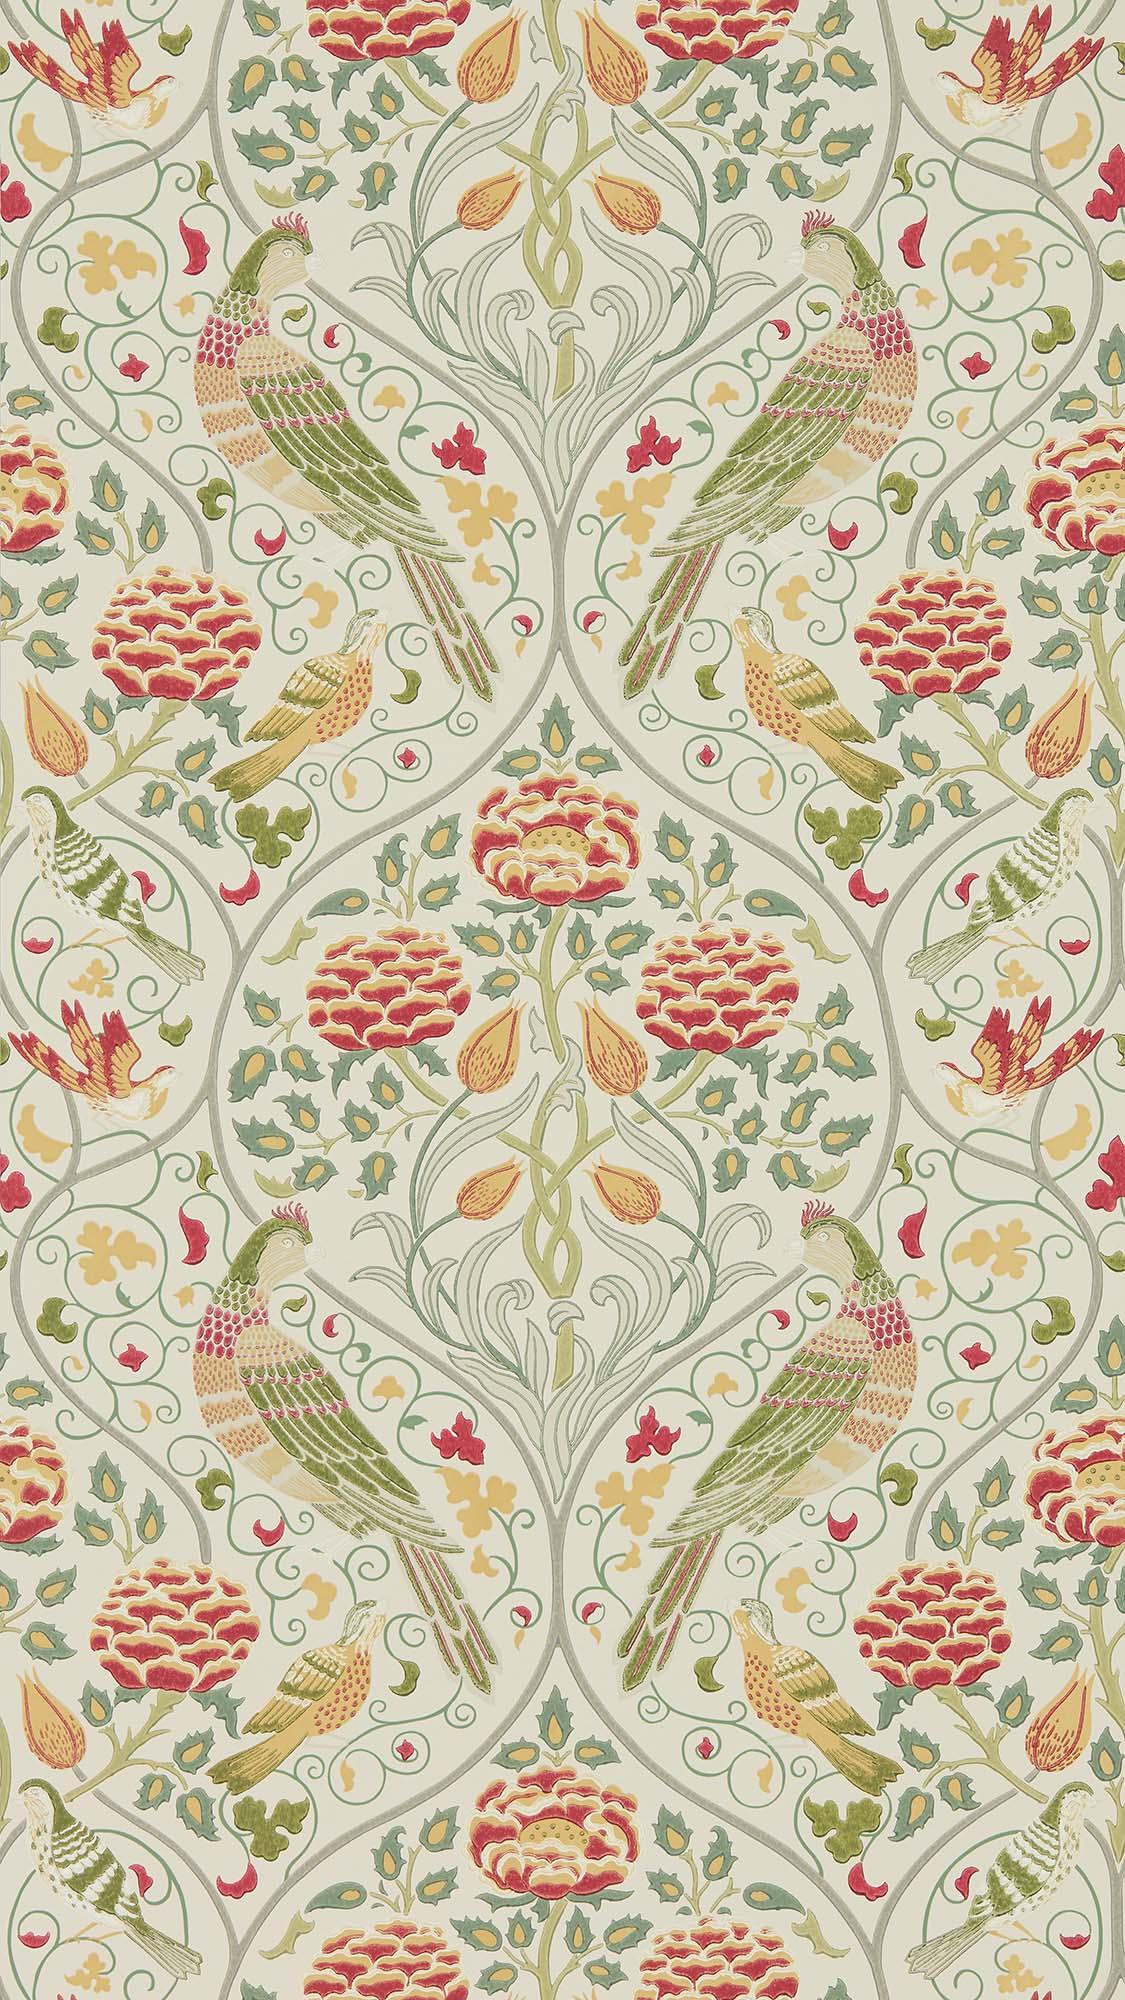 ウィリアムモリス壁紙 Seasons by May 216687